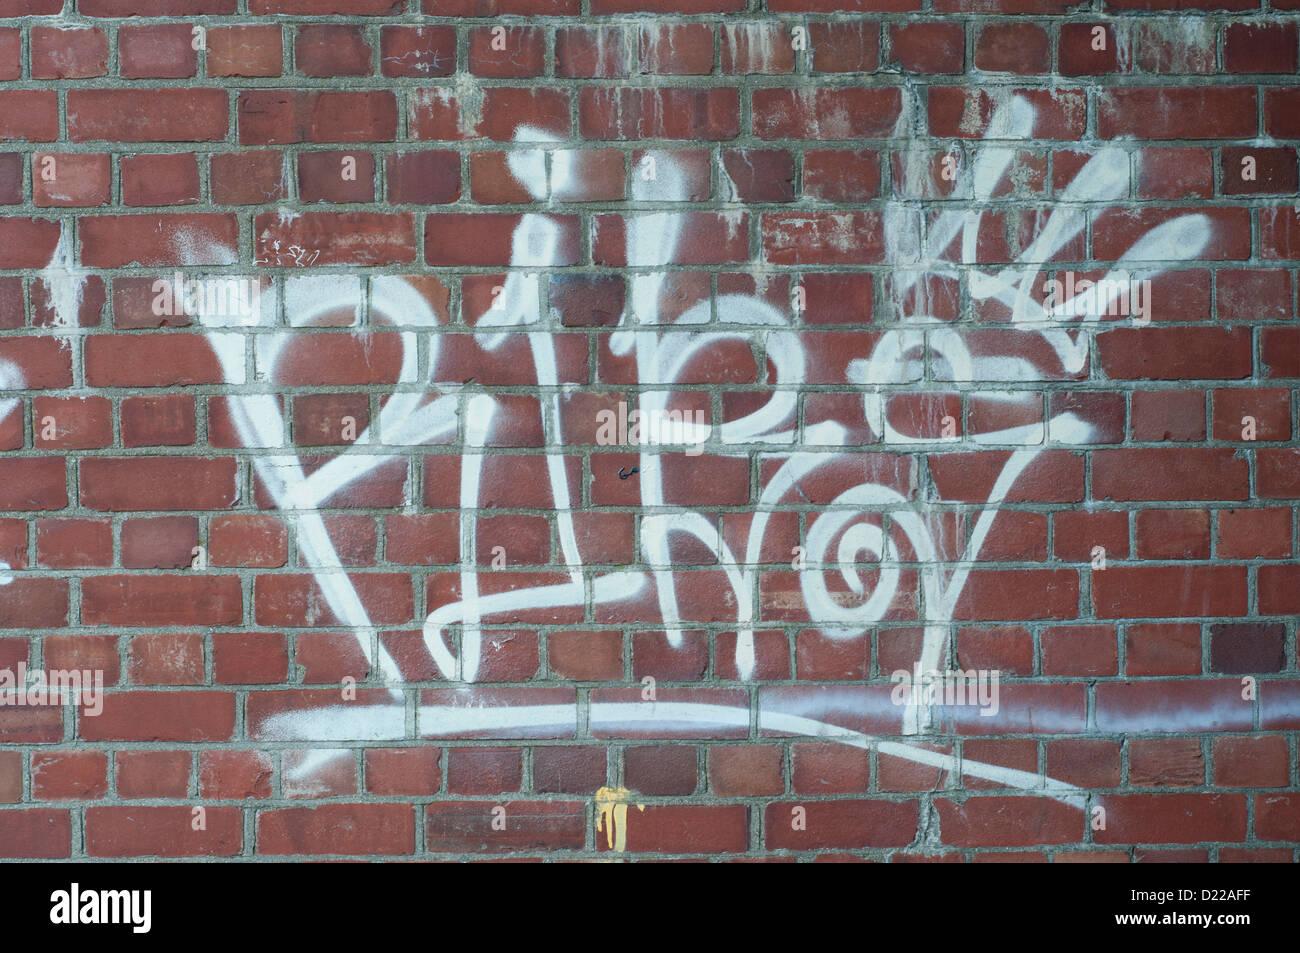 Graffiti on red brick wall stock image